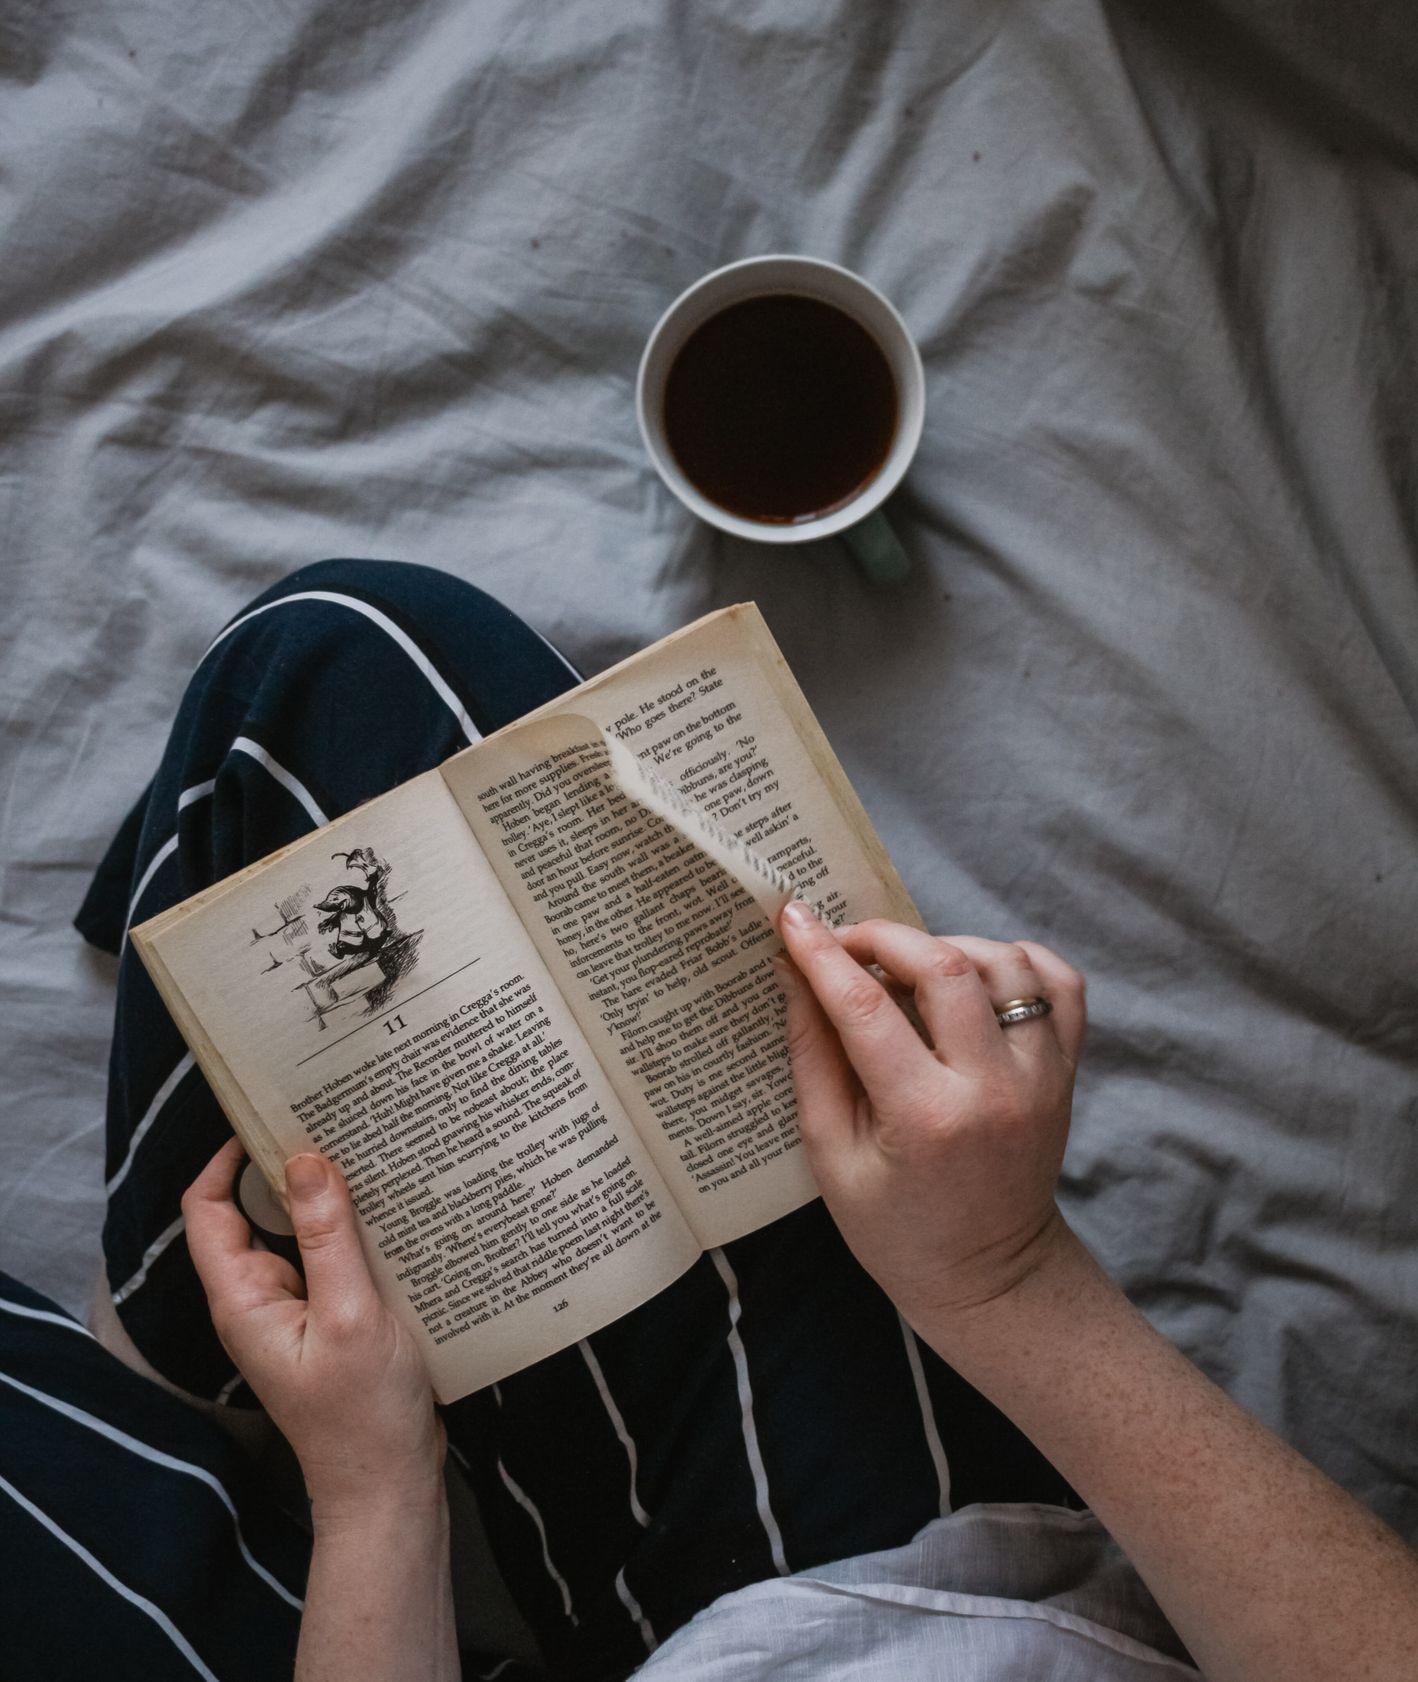 Czytanie książki (fot. Sincerely Media / unsplash.com)